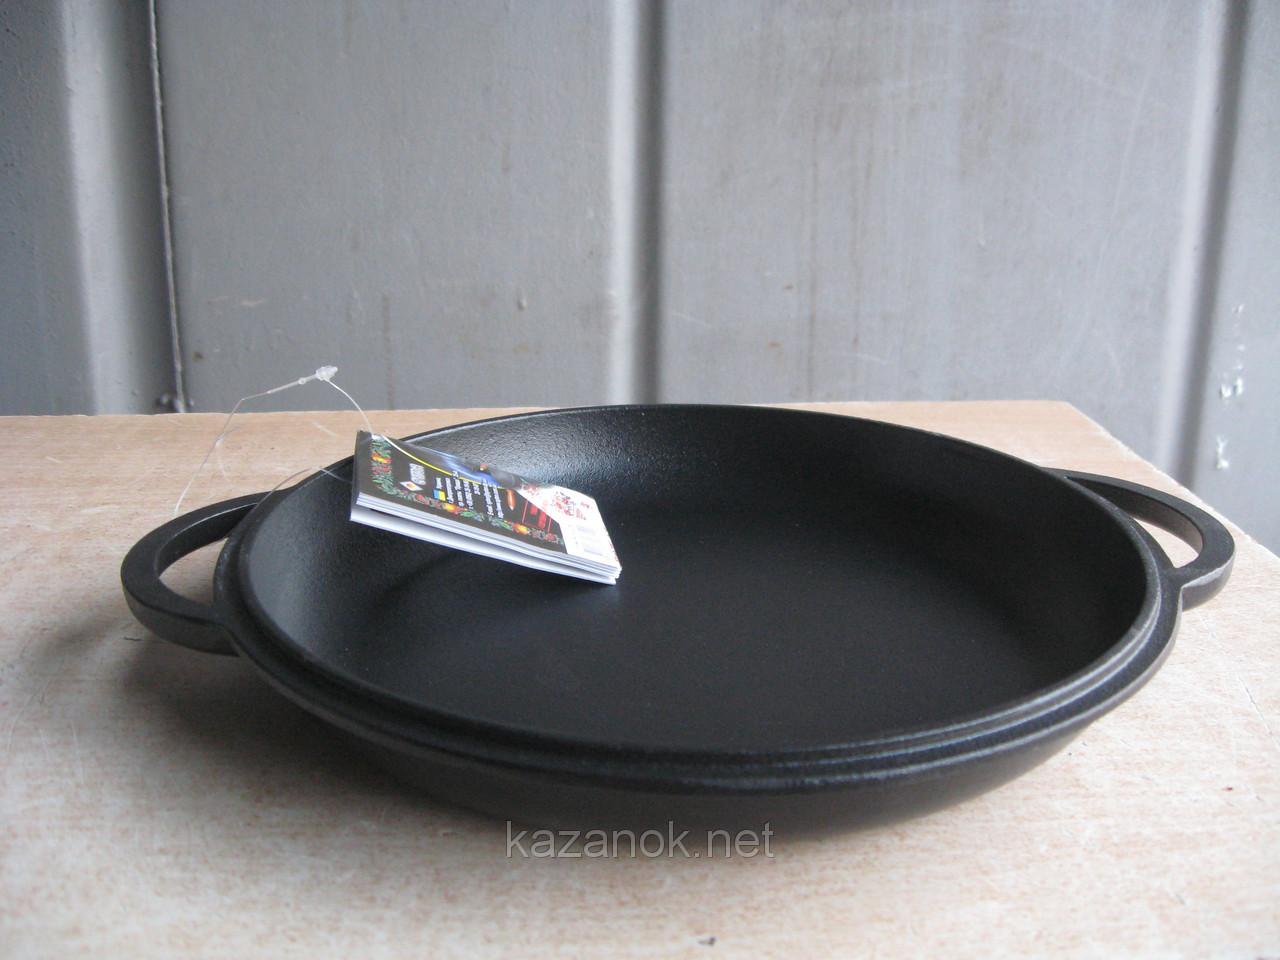 Крышка-сковорода чугунная, не эмалированная, ТМ Термо. Диаметр 240мм.